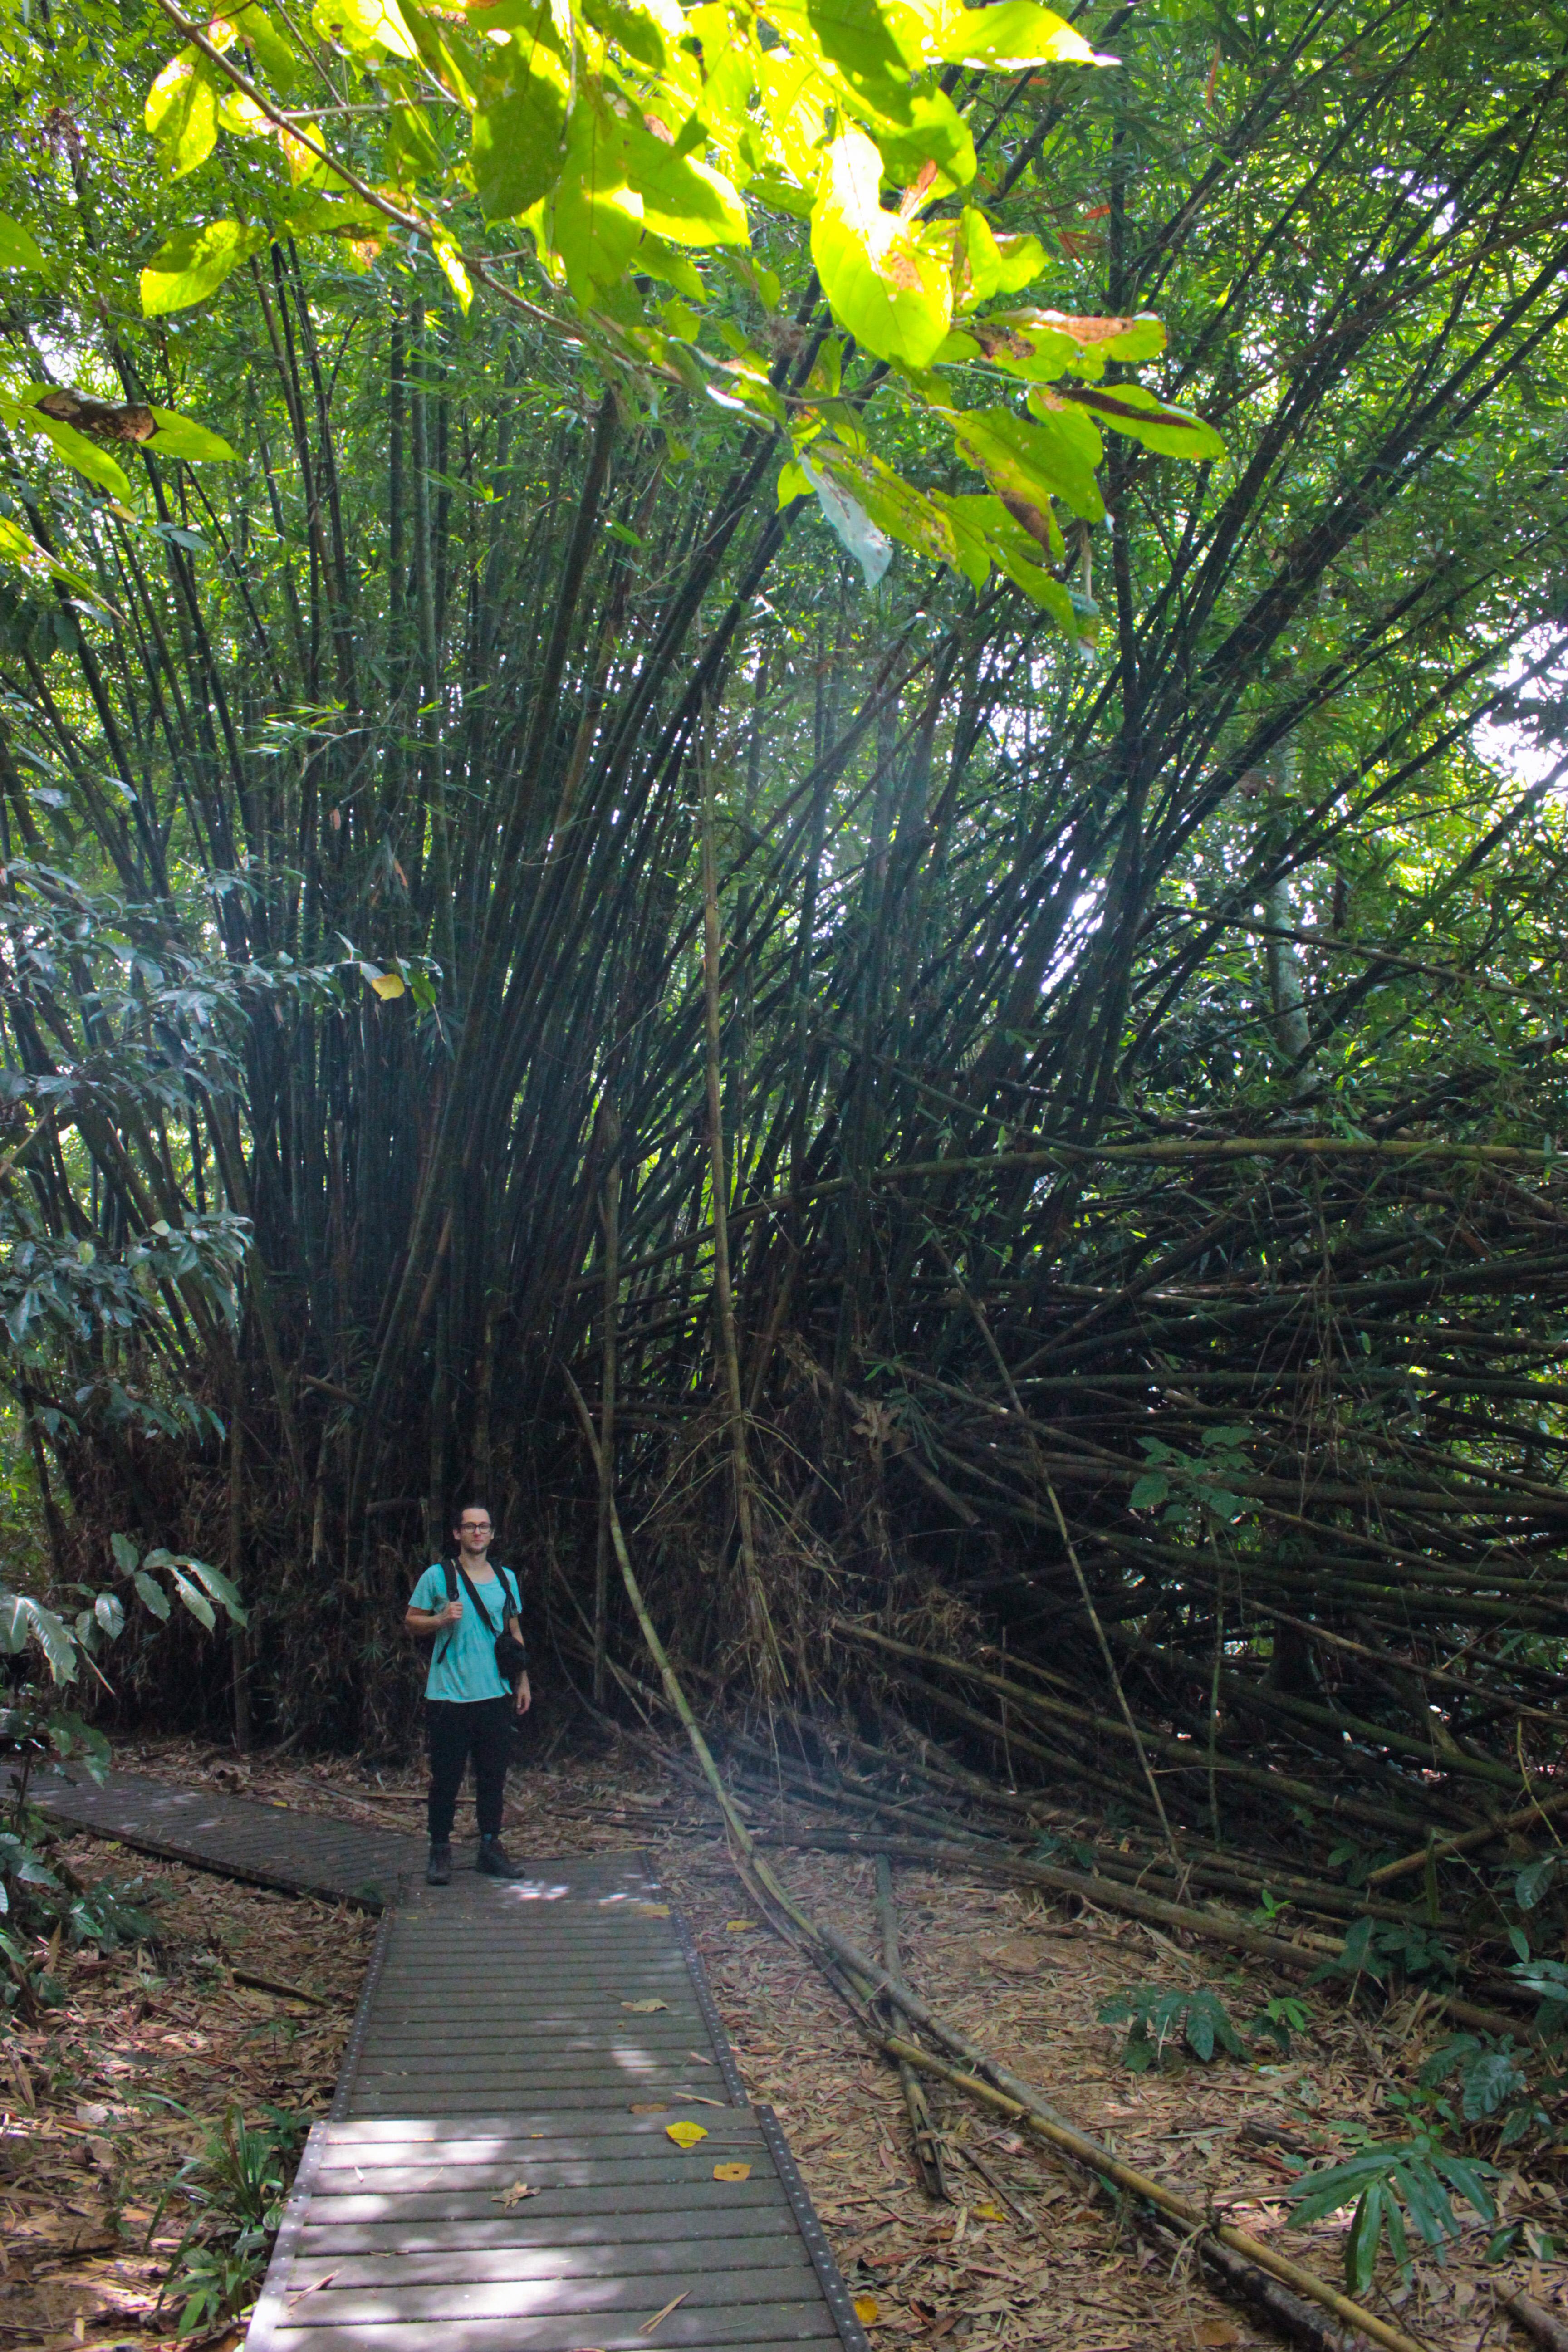 Image d'un homme dans la jungle du taman negara